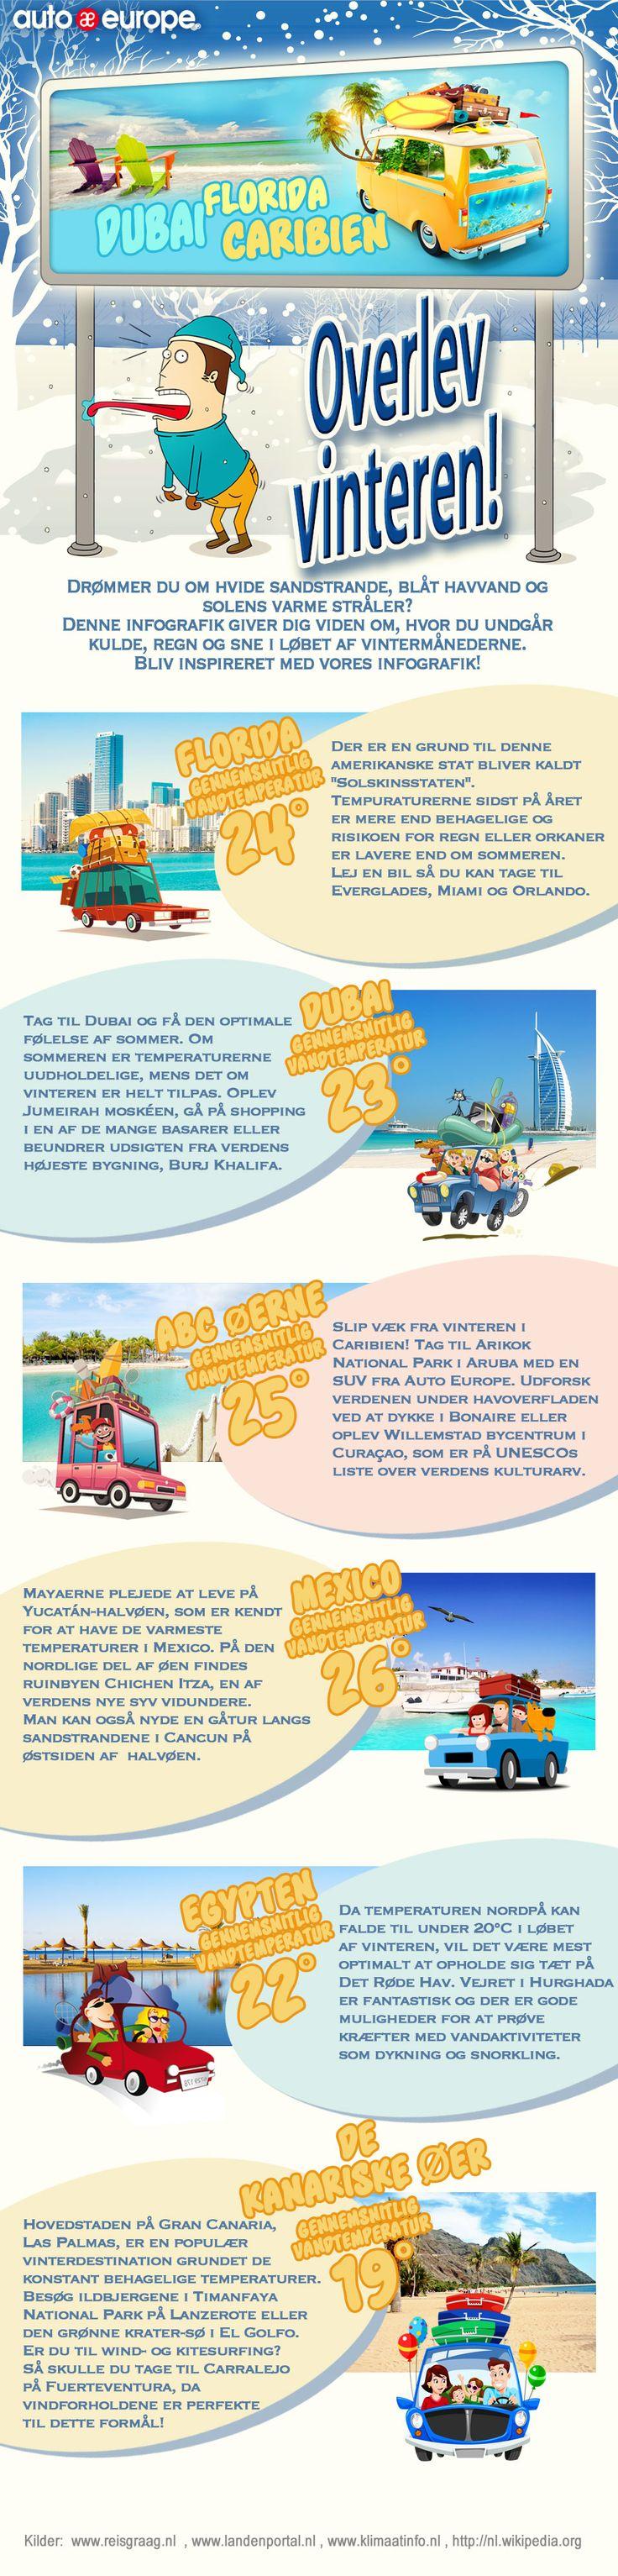 Infographic: Overlev vinteren - Find flere af vores infografikker her: http://www.autoeurope.dk/go/infographics/